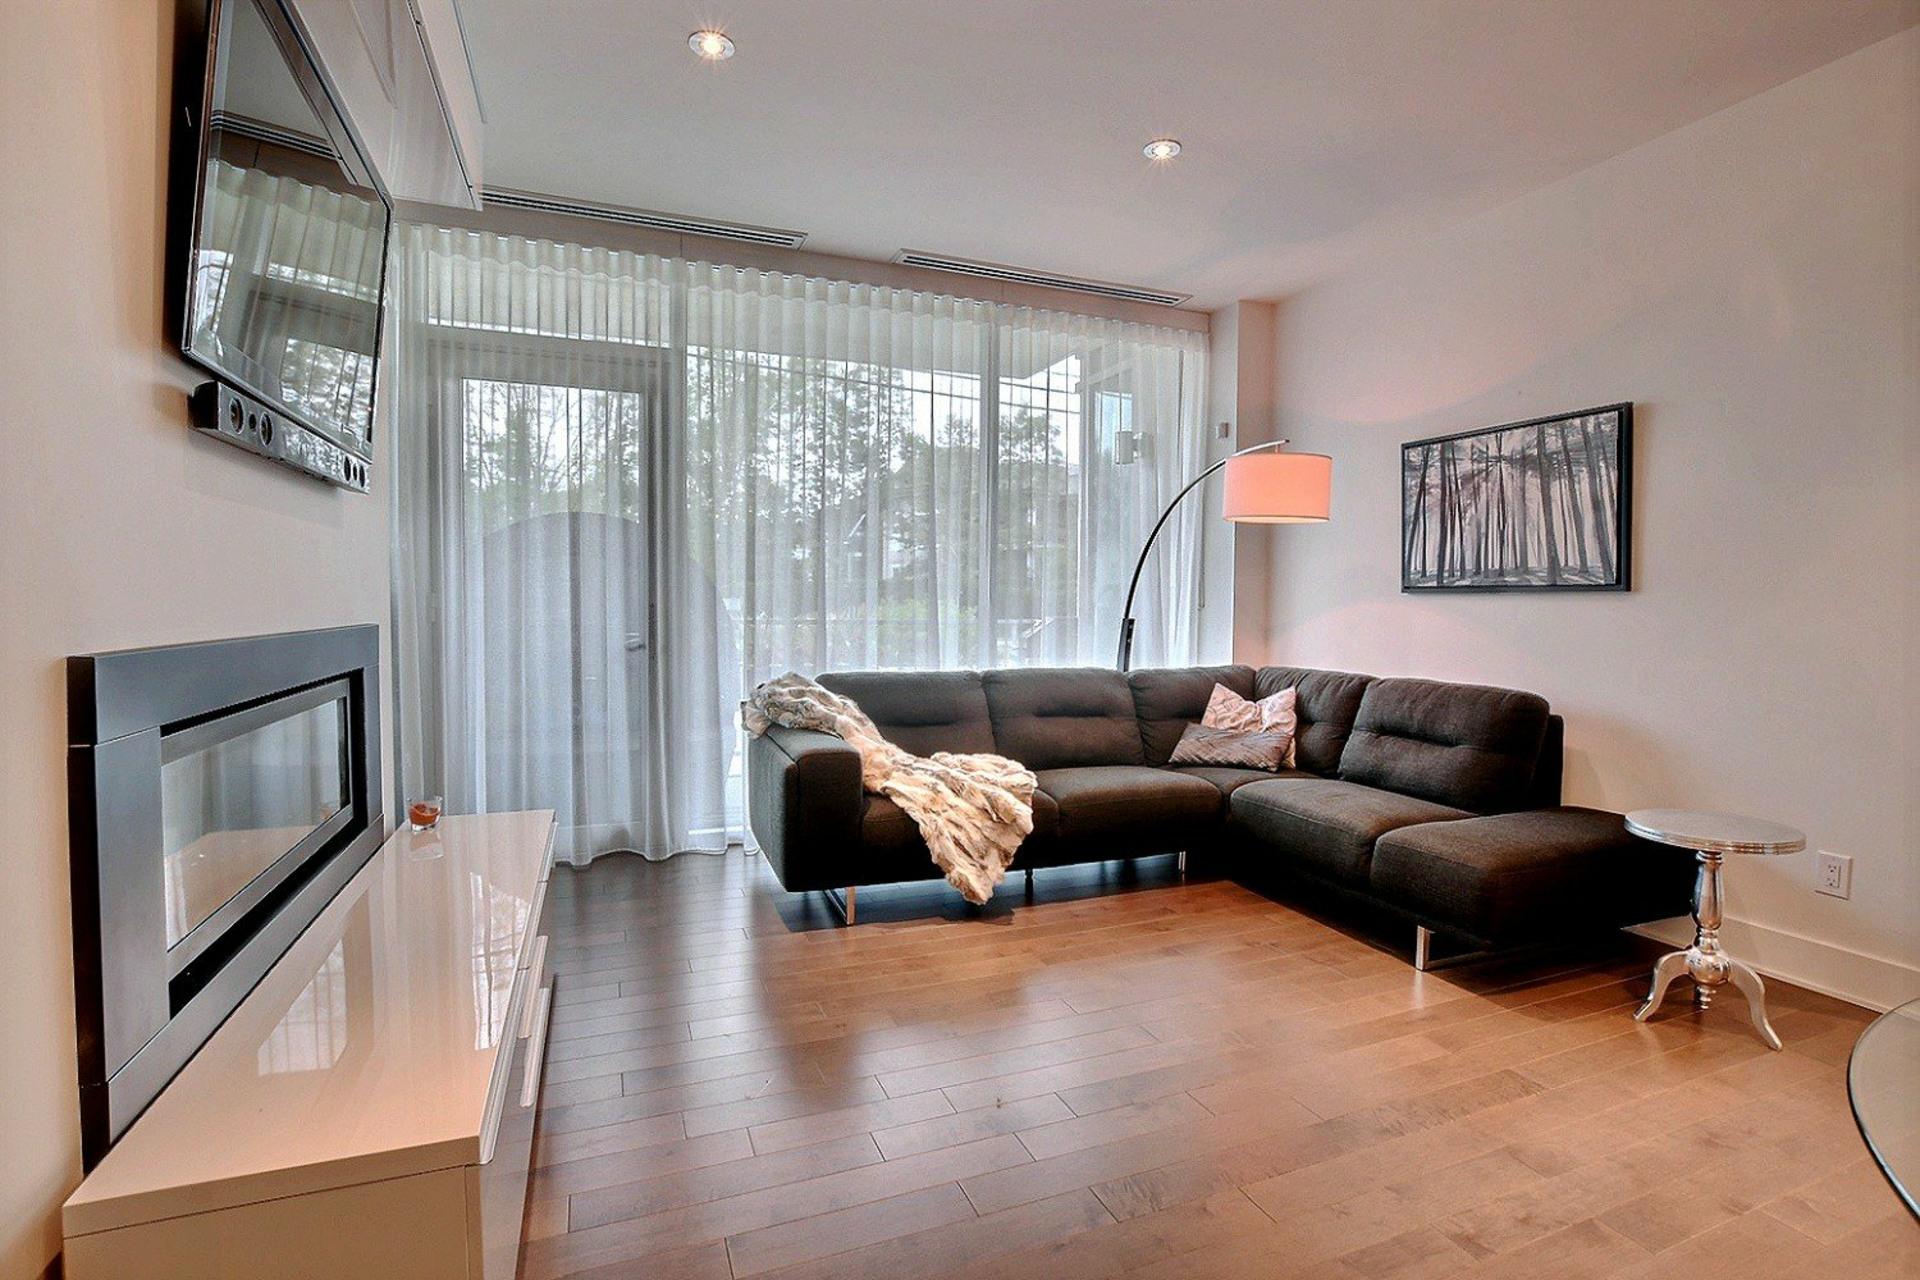 image 6 - Appartement À vendre Lorraine - 10 pièces